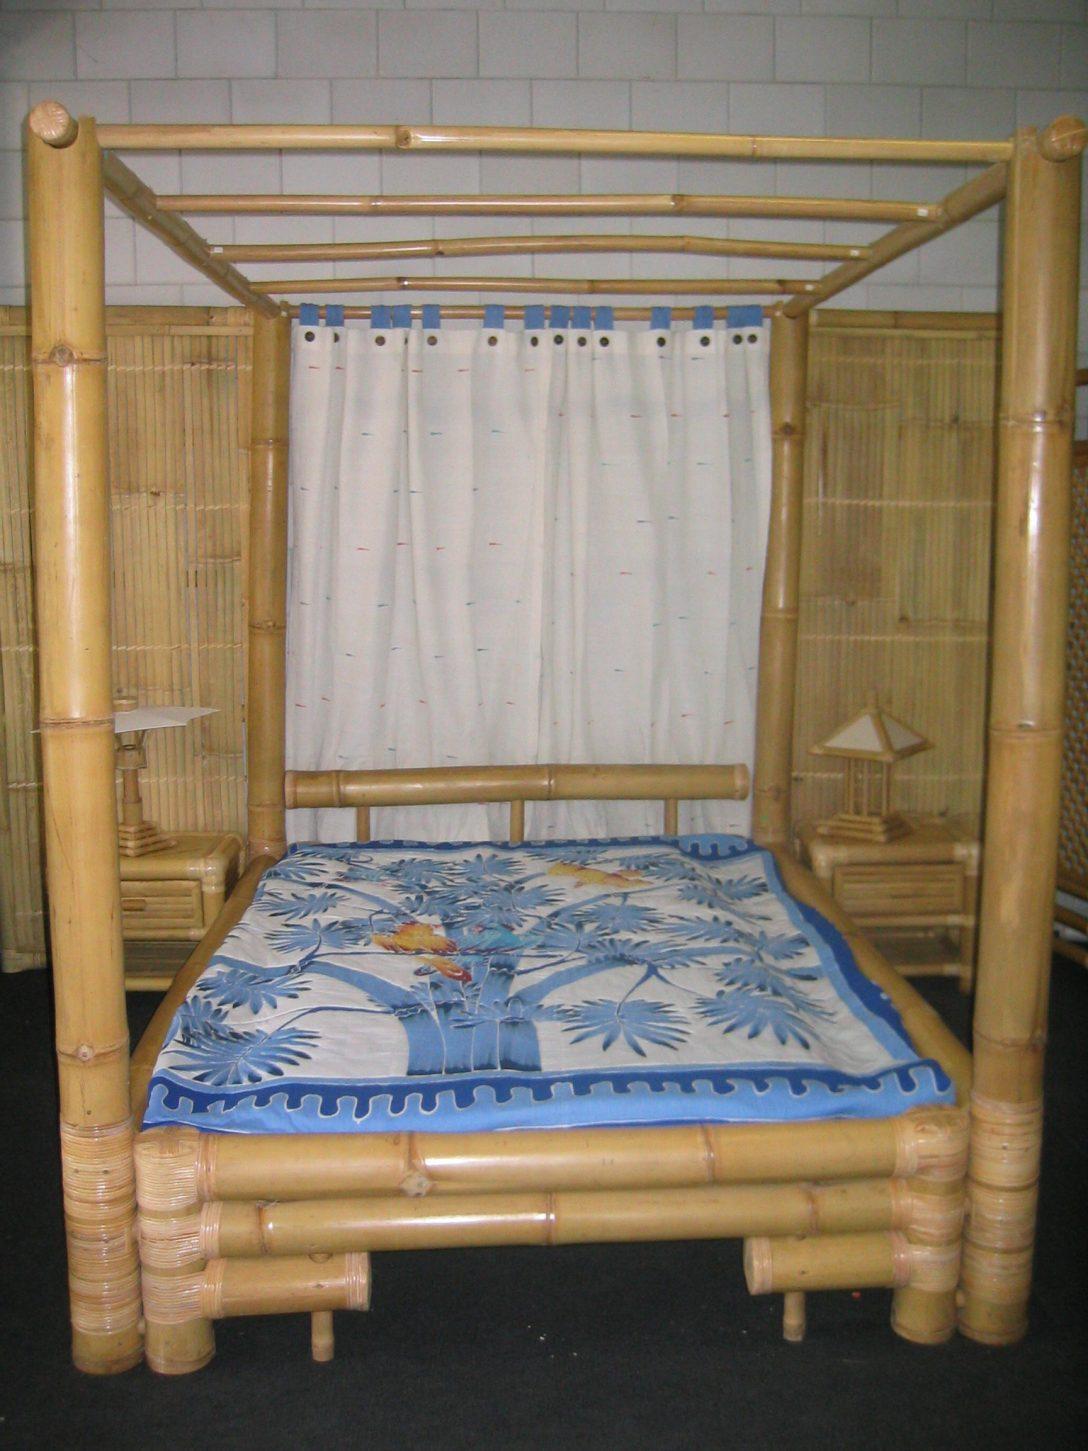 Large Size of Bambus Bett 180x200 Mit Bettkasten Ausziehbares Bette Duschwanne Amerikanische Betten Teenager Vintage 140x200 Hasena Kopfteil Selber Machen Schwarzes Graues Bett Bambus Bett